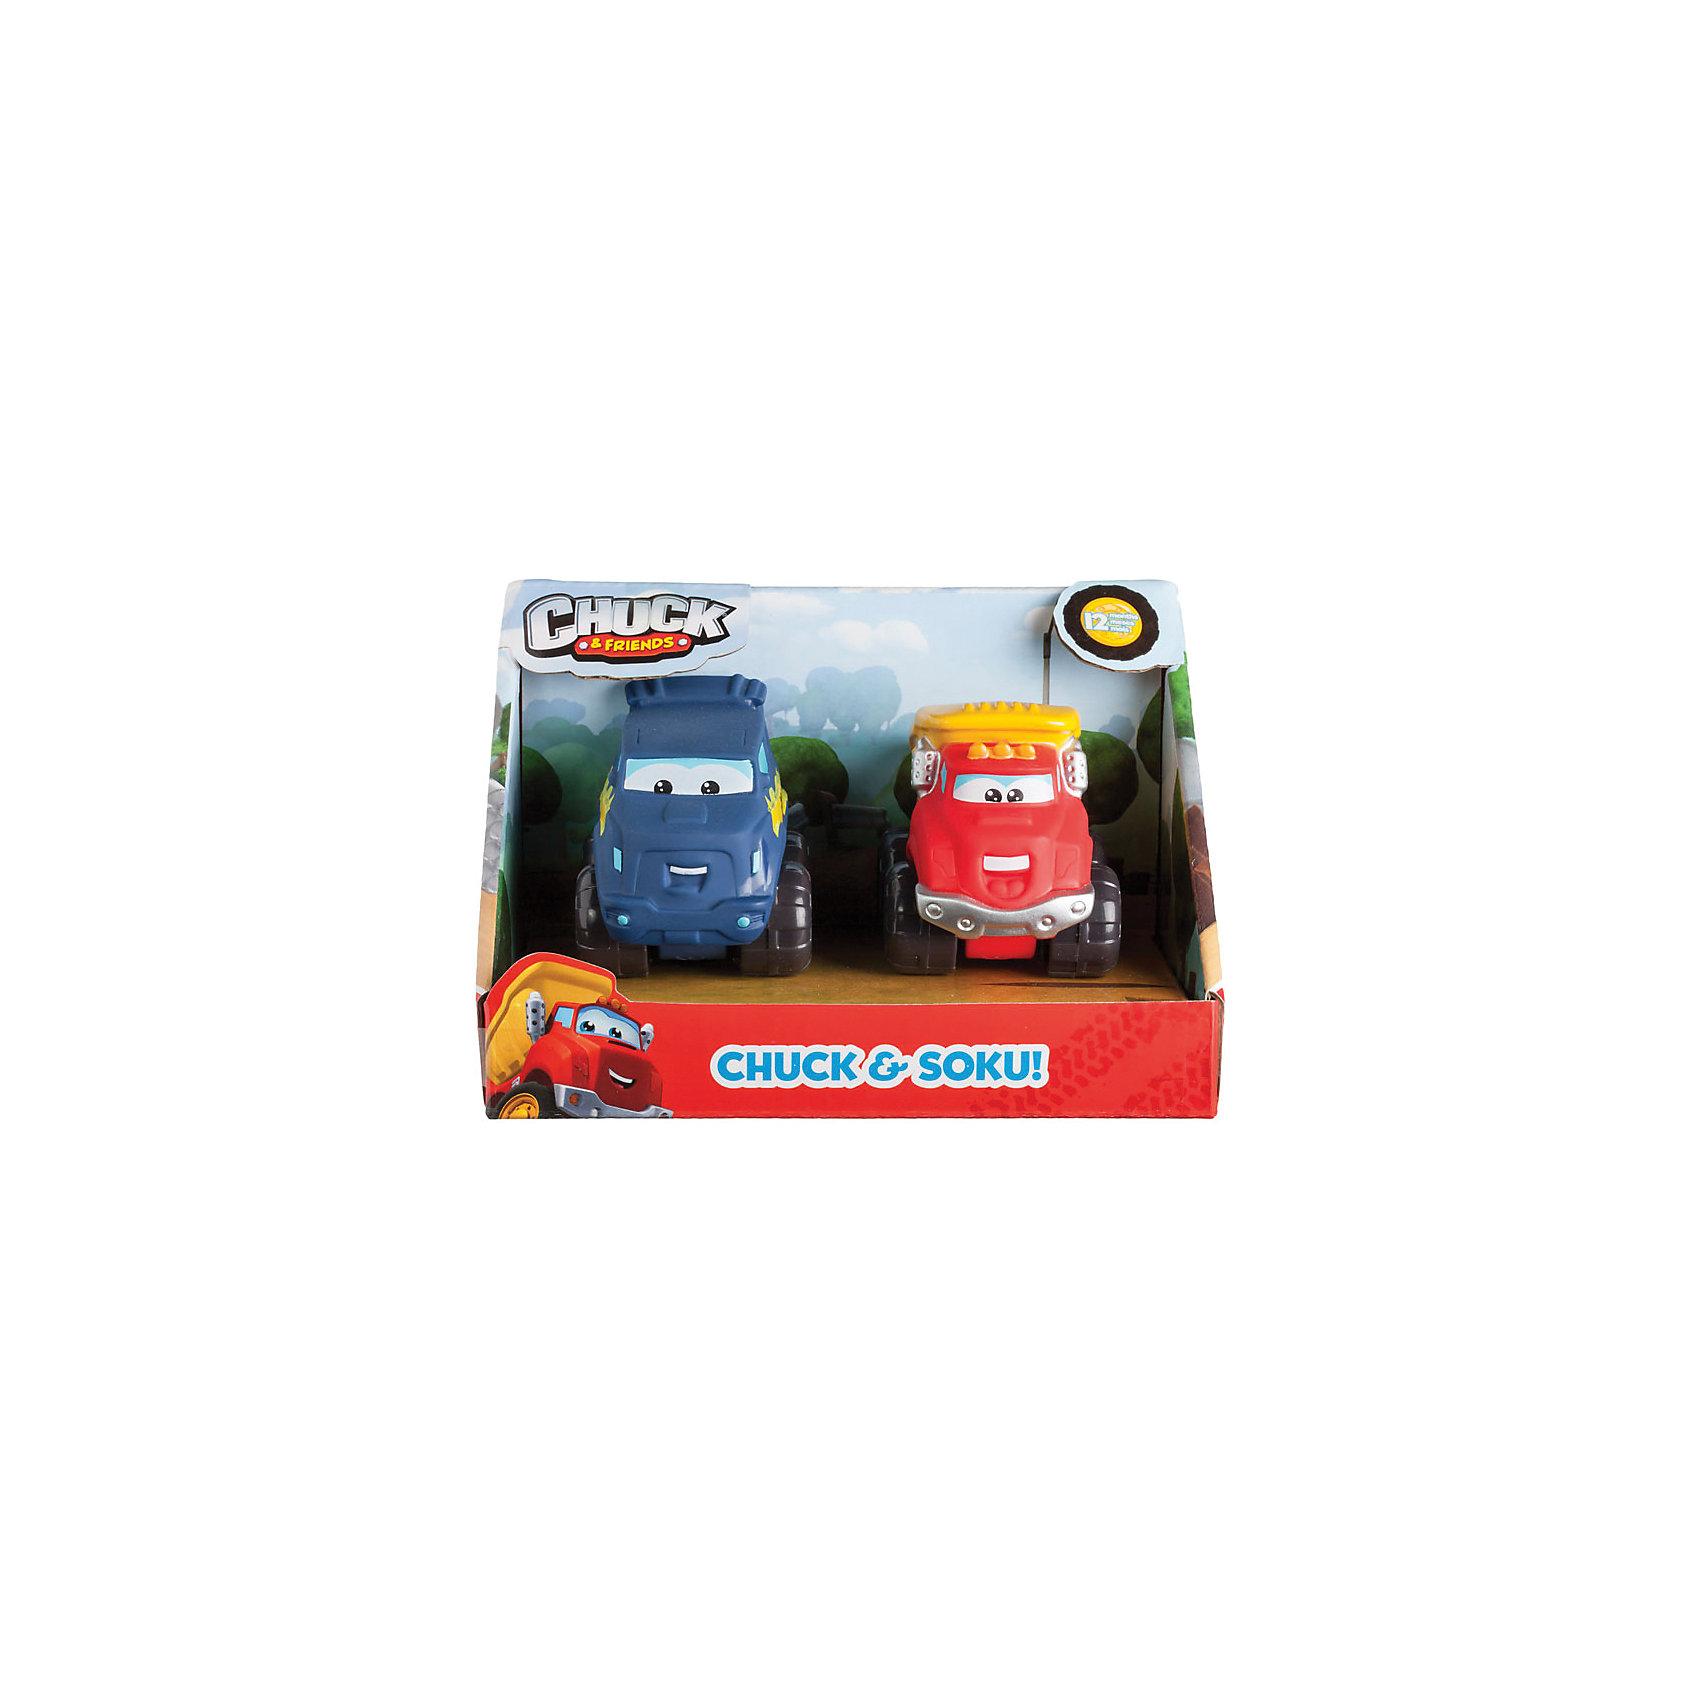 Машинки 5 см, 2 шт., Чак и его друзьяМашинки<br>Характеристики:<br><br>• Предназначение: для сюжетно-ролевых игр<br>• Пол: для мальчиков<br>• Коллекция: Чак и его друзья<br>• Цвет: синий, красный, желтый, черный<br>• Материал: пластик<br>• Комплектация: 2 машинки<br>• Размер игрушки: 5 см<br>• У машинок отсутствуют острые углы и съемные детали<br>• Вес: 164 г<br>• Размеры упаковки (Д*В*Ш): 37*1,5*5 см<br>• Упаковка: картонная коробка открытого типа<br>• Особенности ухода: сухая или влажная чистка<br><br>Машинки 5 см, 2 шт., Чак и его друзья – эта  машинка производителем которой является Minecraft, создана по мотивам детского мультсериала Приключения Чака и его друзей. Машинки выполнены из ударопрочного пластика, который отвечает международным стандартам качества и безопасности. <br><br>Элементы игрового набора окрашены нетоксичными красками. У игрушек отсутствуют съемные детали и острые углы, что делает их безопасными даже для самых маленьких. Набор включает в себя машинку Чака (грузовичок) и машинку Соку (друг Чака). Подвижные или сюжетно-ролевые игры с машинками  будут способствовать развитию координации движений, фантазии и воображения, а также позволят воспроизвести наиболее понравившиеся сюжеты с любимыми героями.<br><br>Машинки 5 см, 2 шт., Чак и его друзья можно купить в нашем интернет-магазине.<br><br>Ширина мм: 50<br>Глубина мм: 15<br>Высота мм: 37<br>Вес г: 164<br>Возраст от месяцев: 36<br>Возраст до месяцев: 2147483647<br>Пол: Мужской<br>Возраст: Детский<br>SKU: 5331555